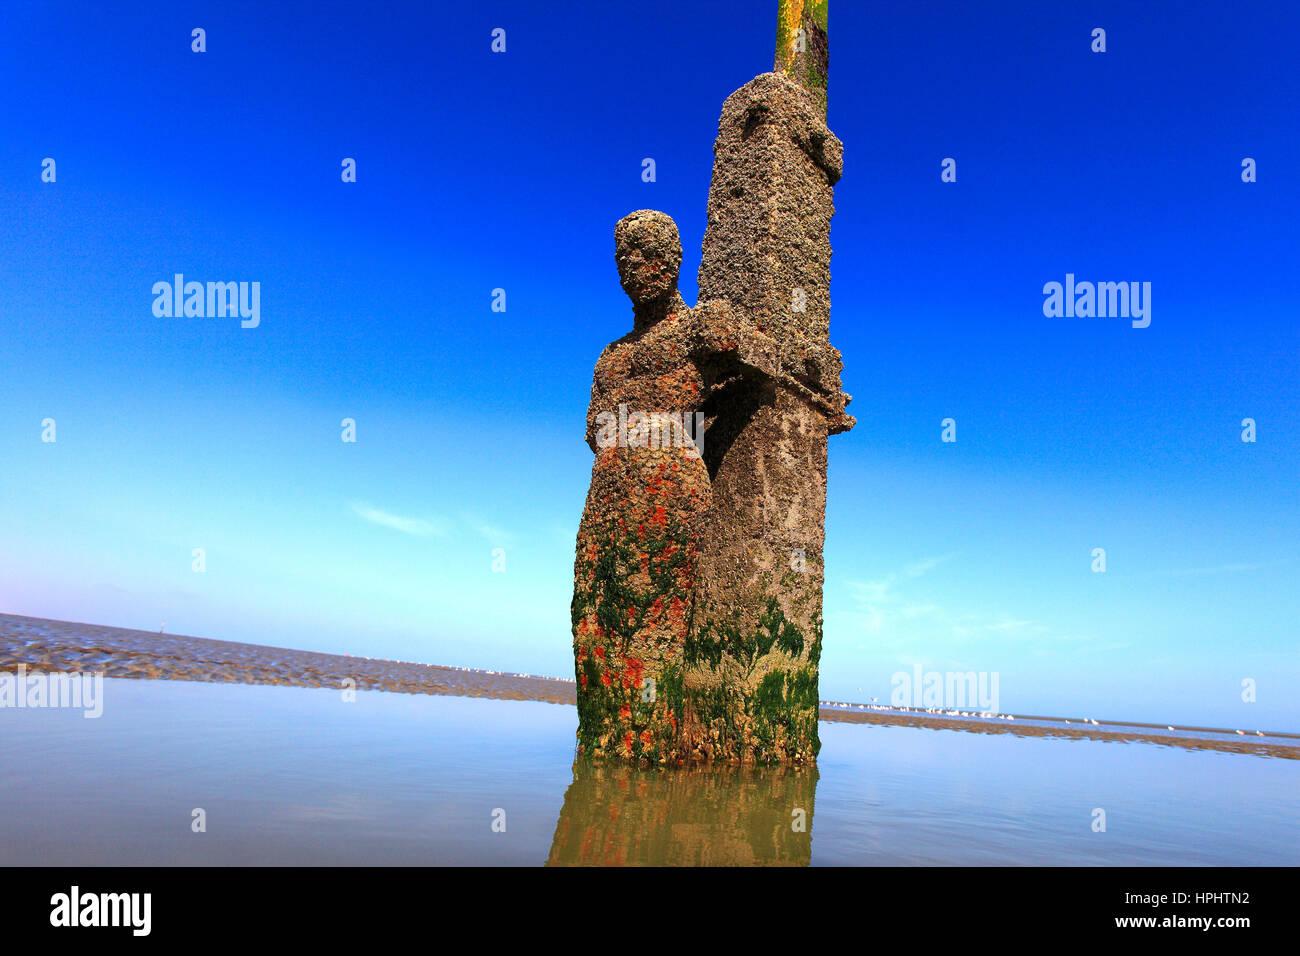 belgique-oostduinkerke-bizarre-statue-sur-la-plage-a-maree-basse-hphtn2.jpg